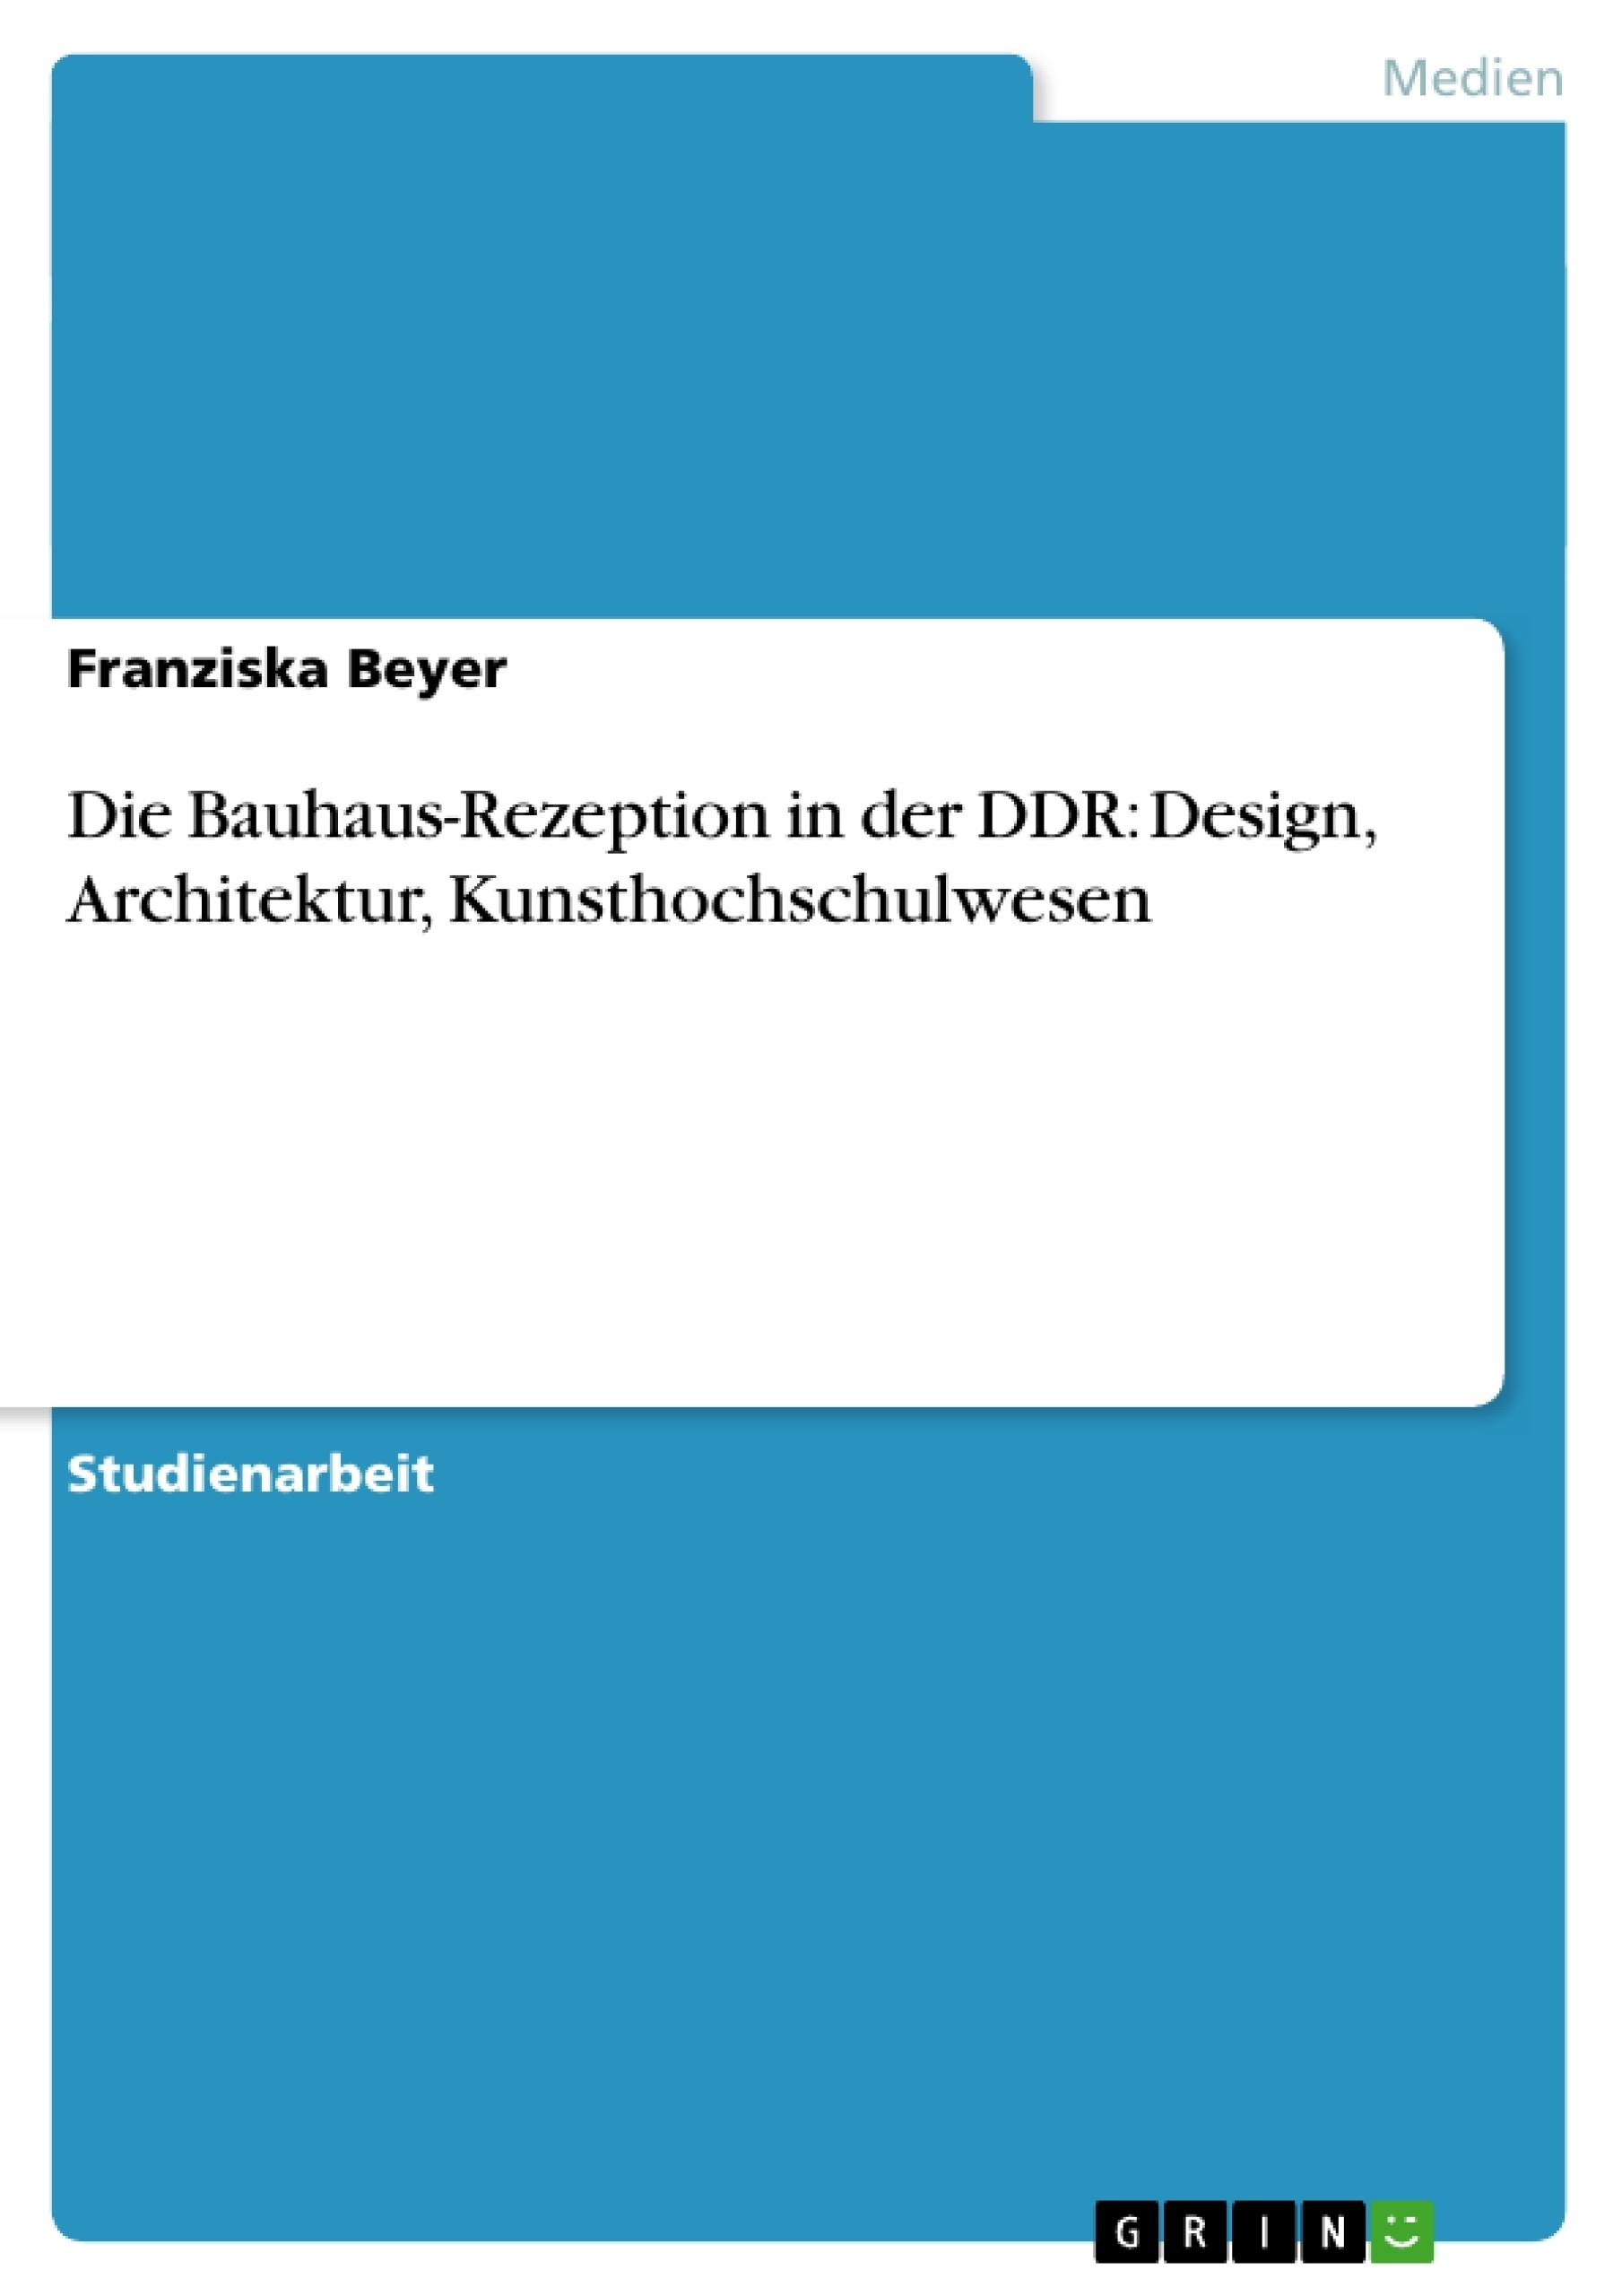 Titel: Die Bauhaus-Rezeption in der DDR: Design, Architektur, Kunsthochschulwesen